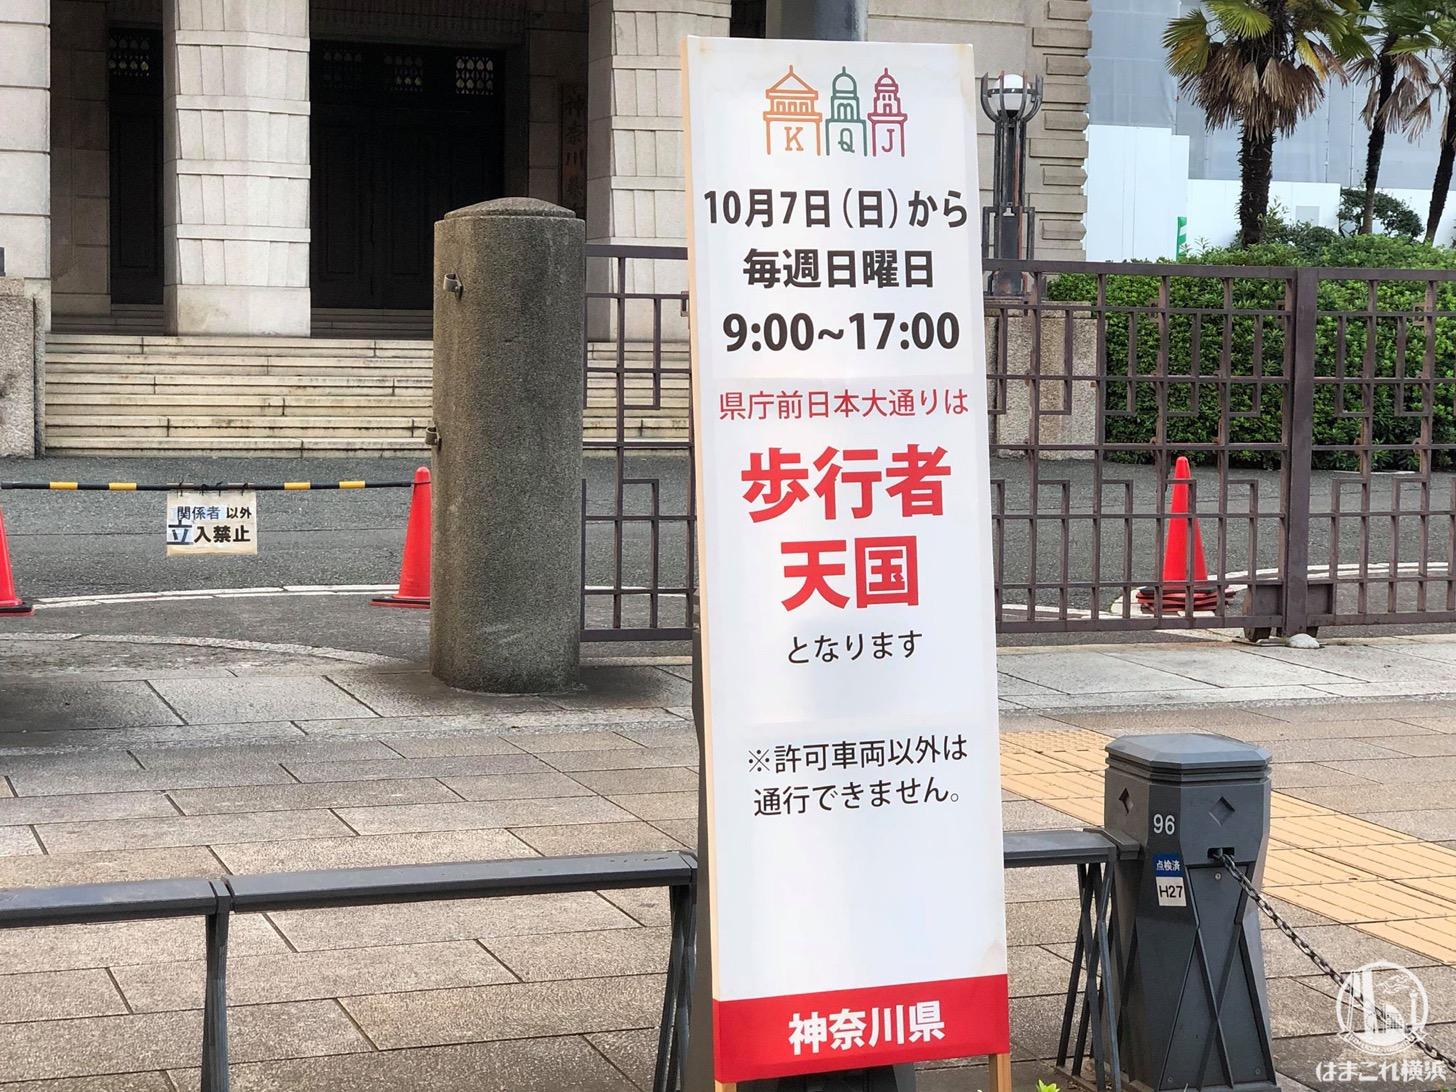 日本大通りが毎週日曜日、歩行者天国に!10月より